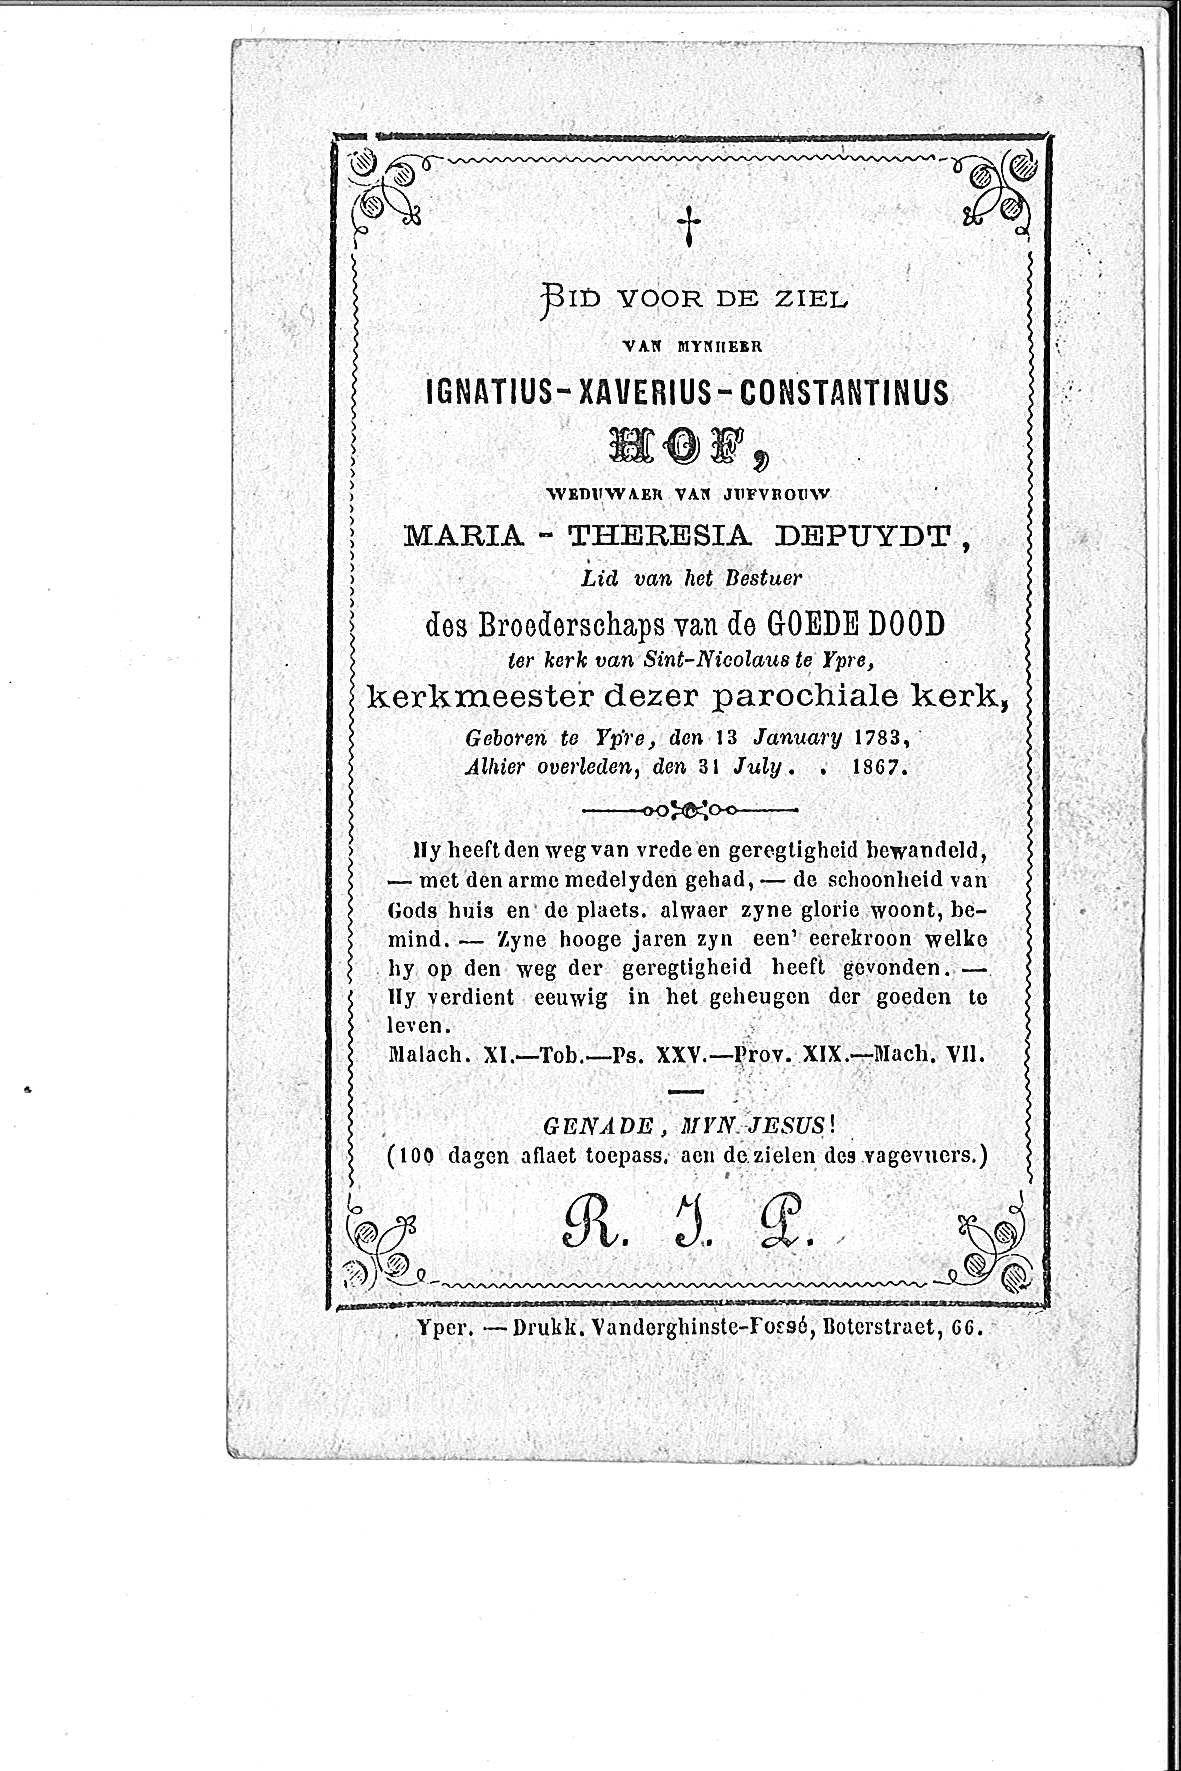 Ignatius-Xaverius-Constantinus(1867)20151002161158_00020.jpg